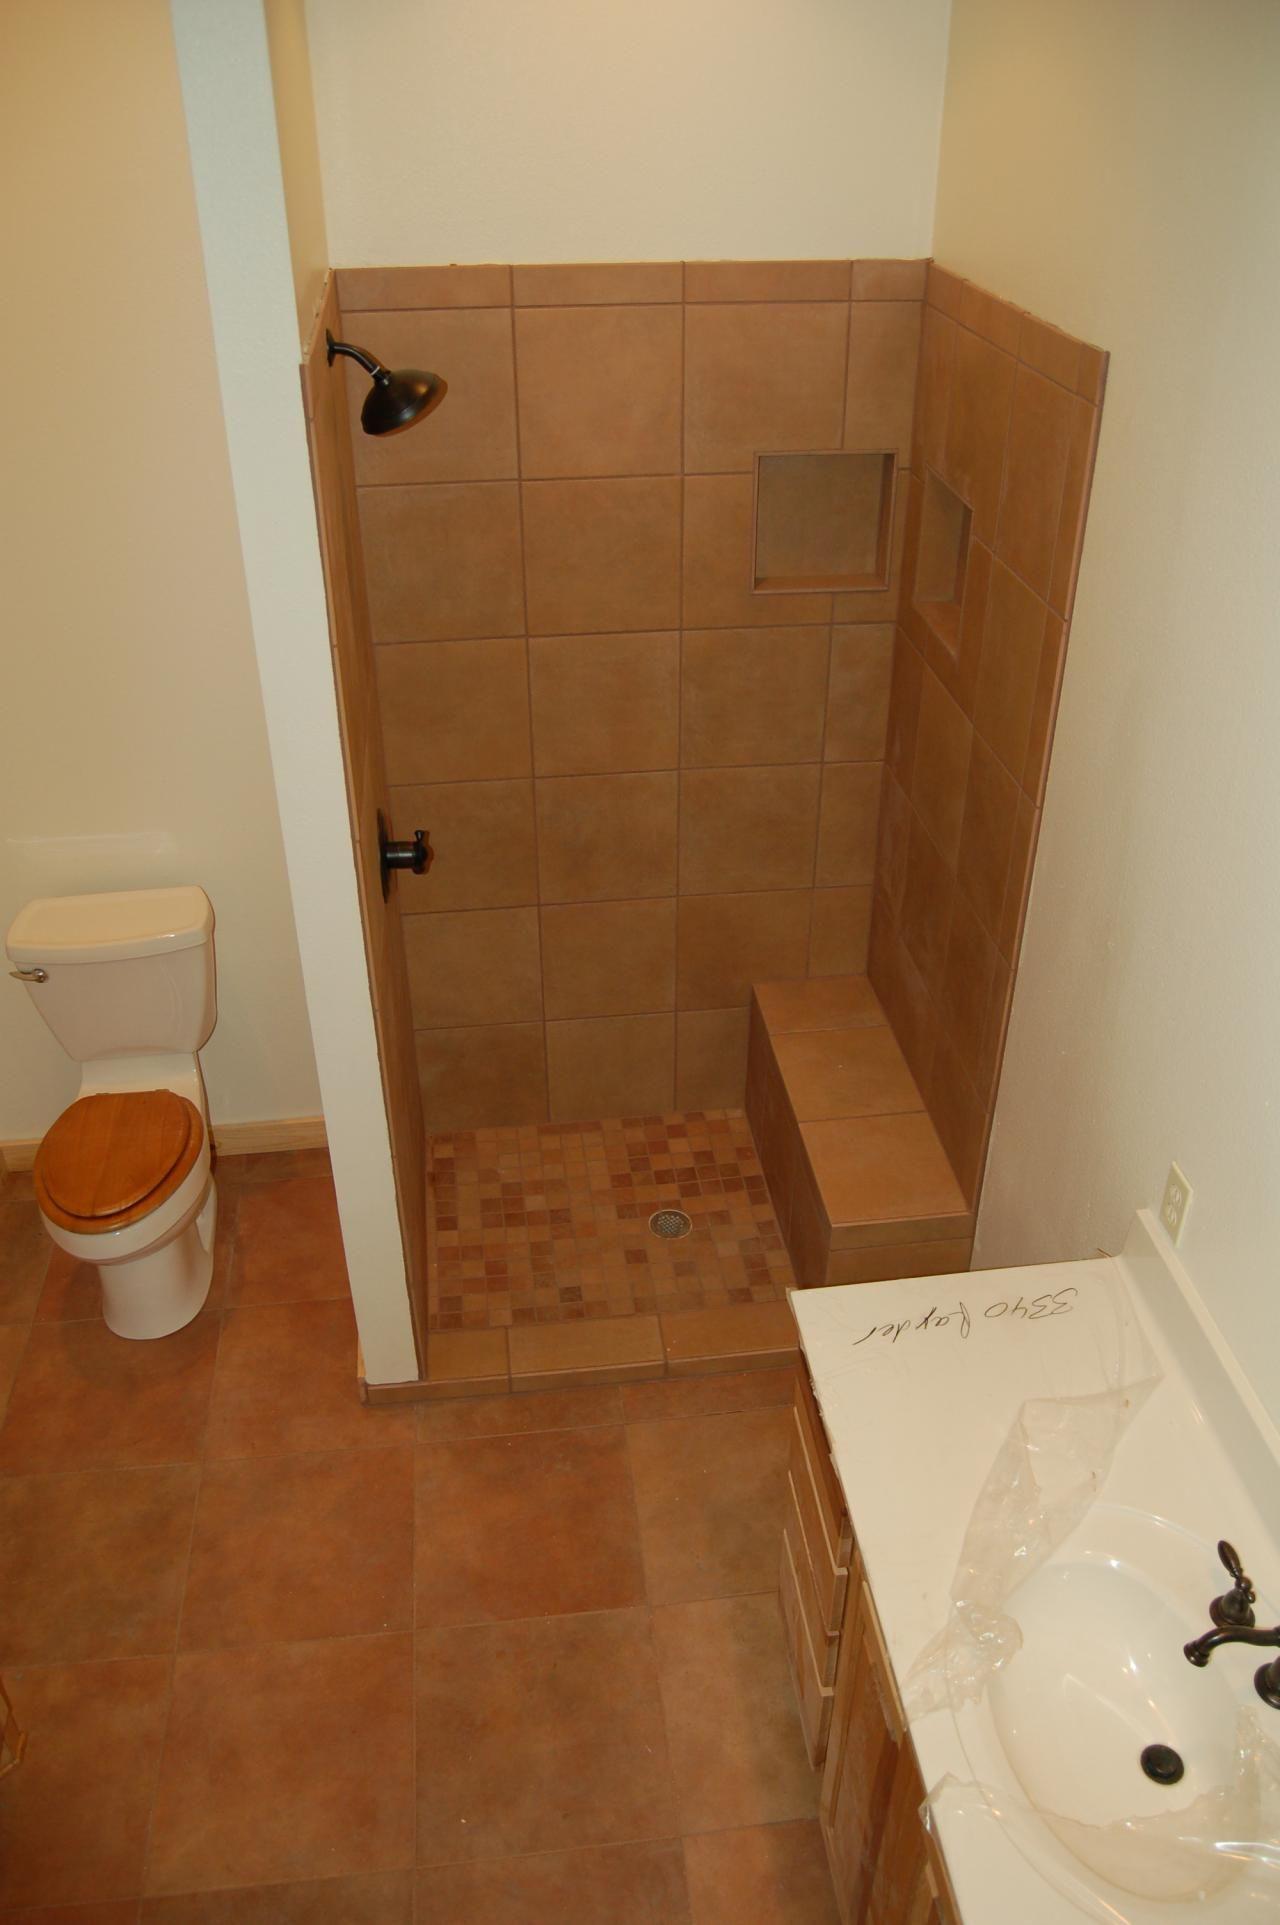 new rent a bathroom photo-Cool Rent A Bathroom Image